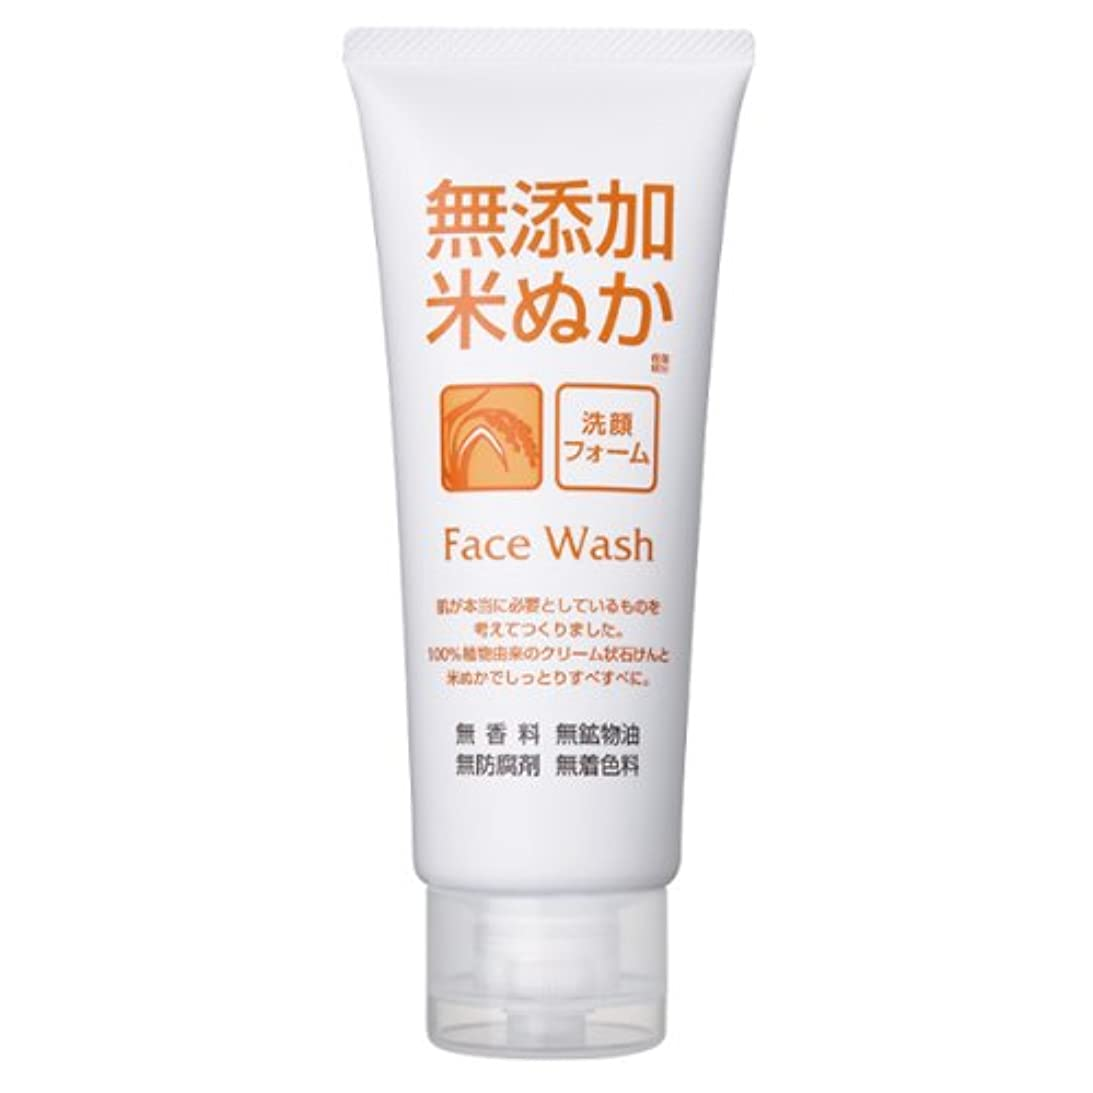 カテナきれいにせがむロゼット 無添加米ぬか 洗顔フォーム 140g